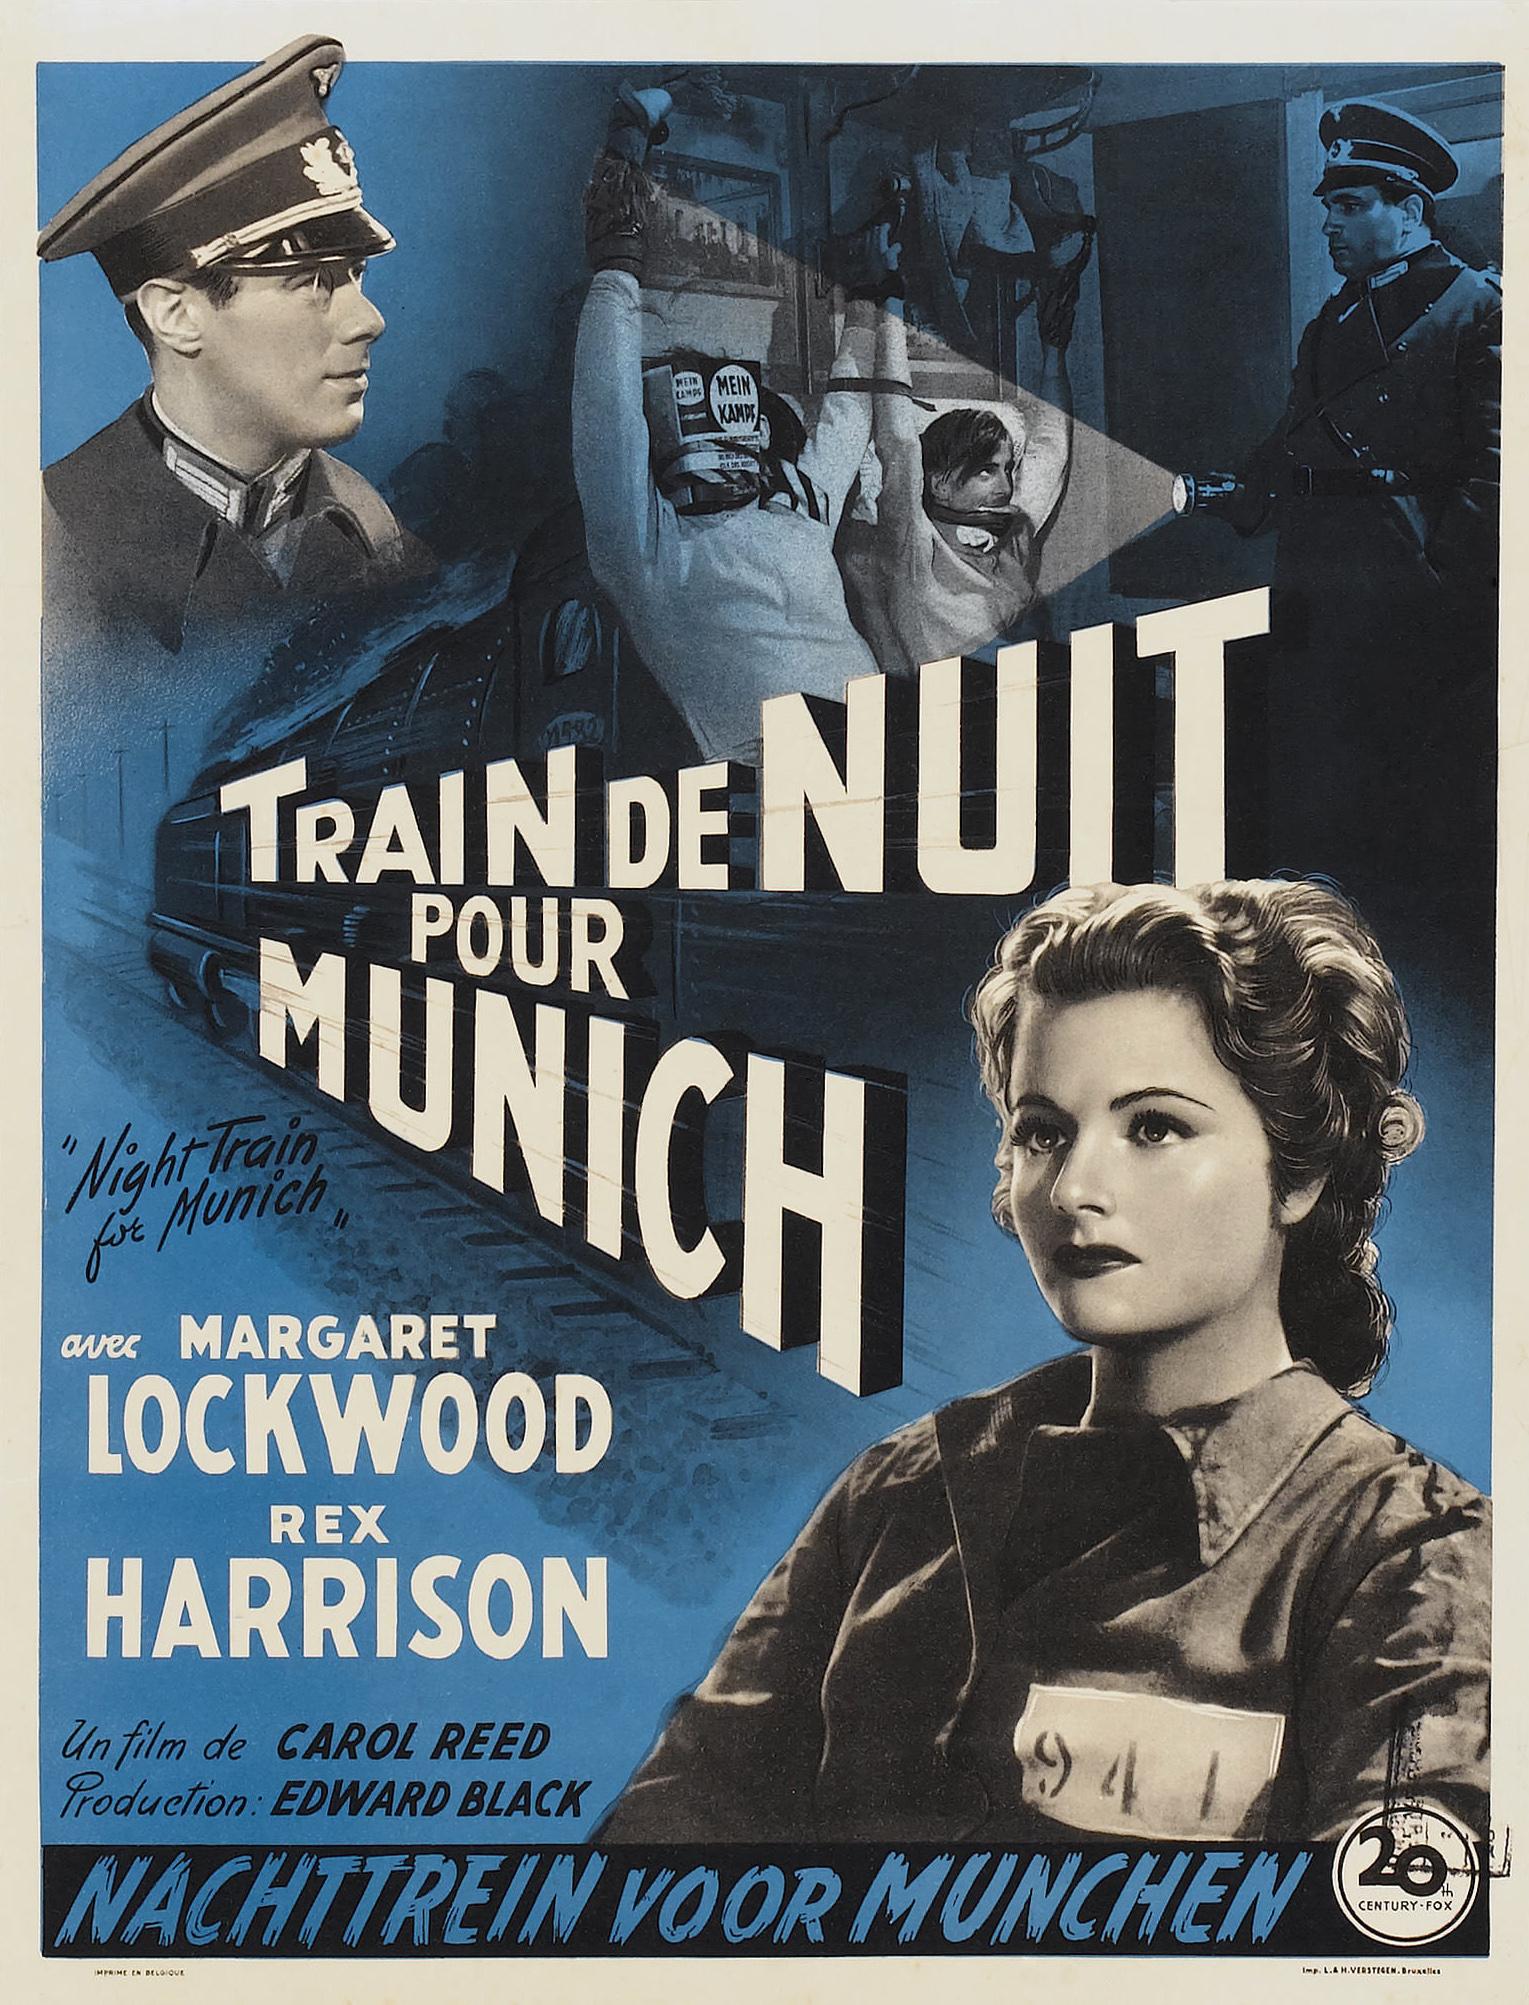 Night Train to Munich aka Train de nuit pour Munich (1940) Belgian poster